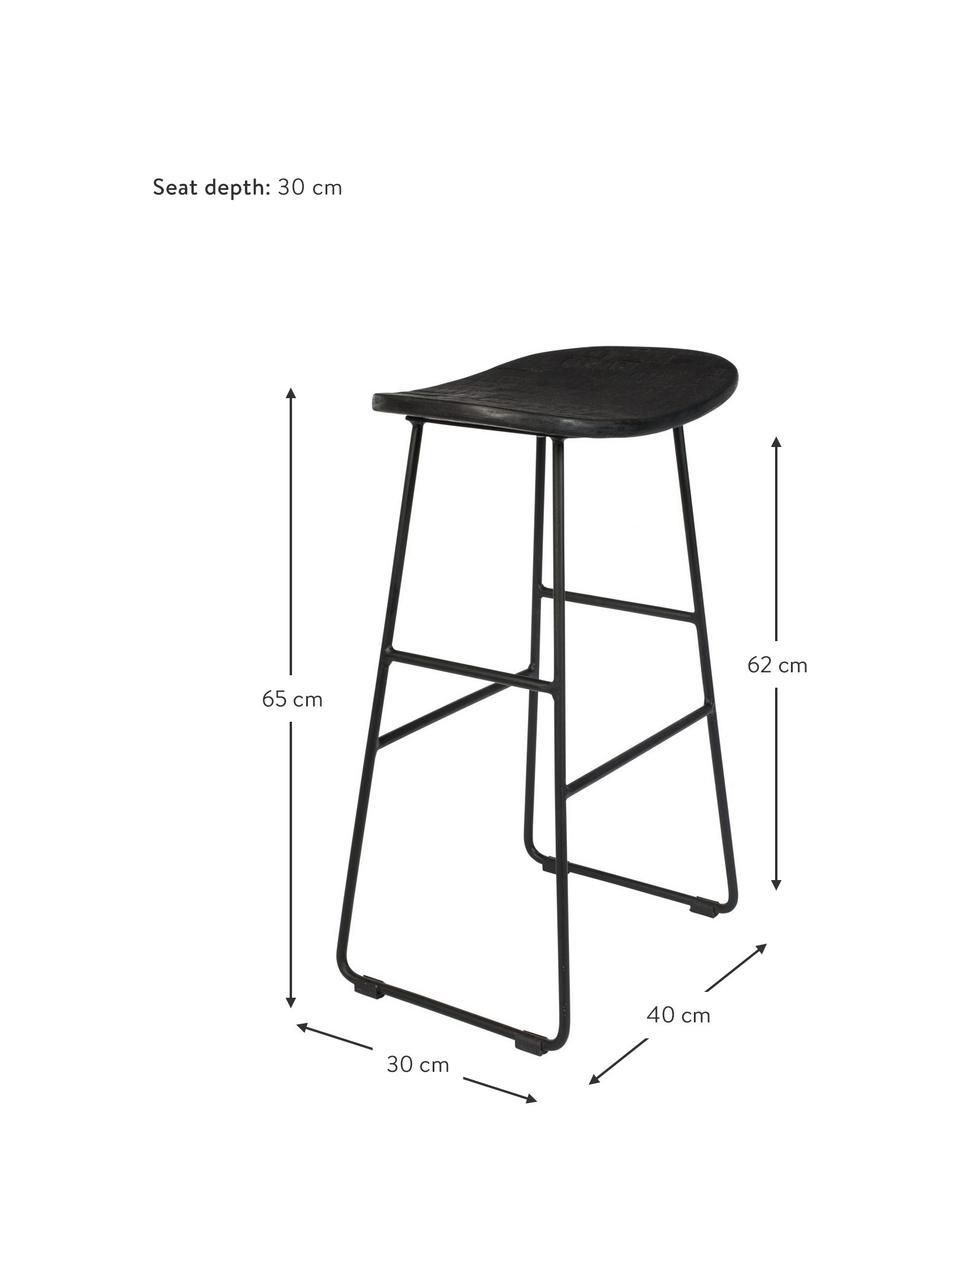 Stołek kontuarowy Tangle, Nogi: metal malowany proszkowo, Czarny, S 40 x W 65 cm